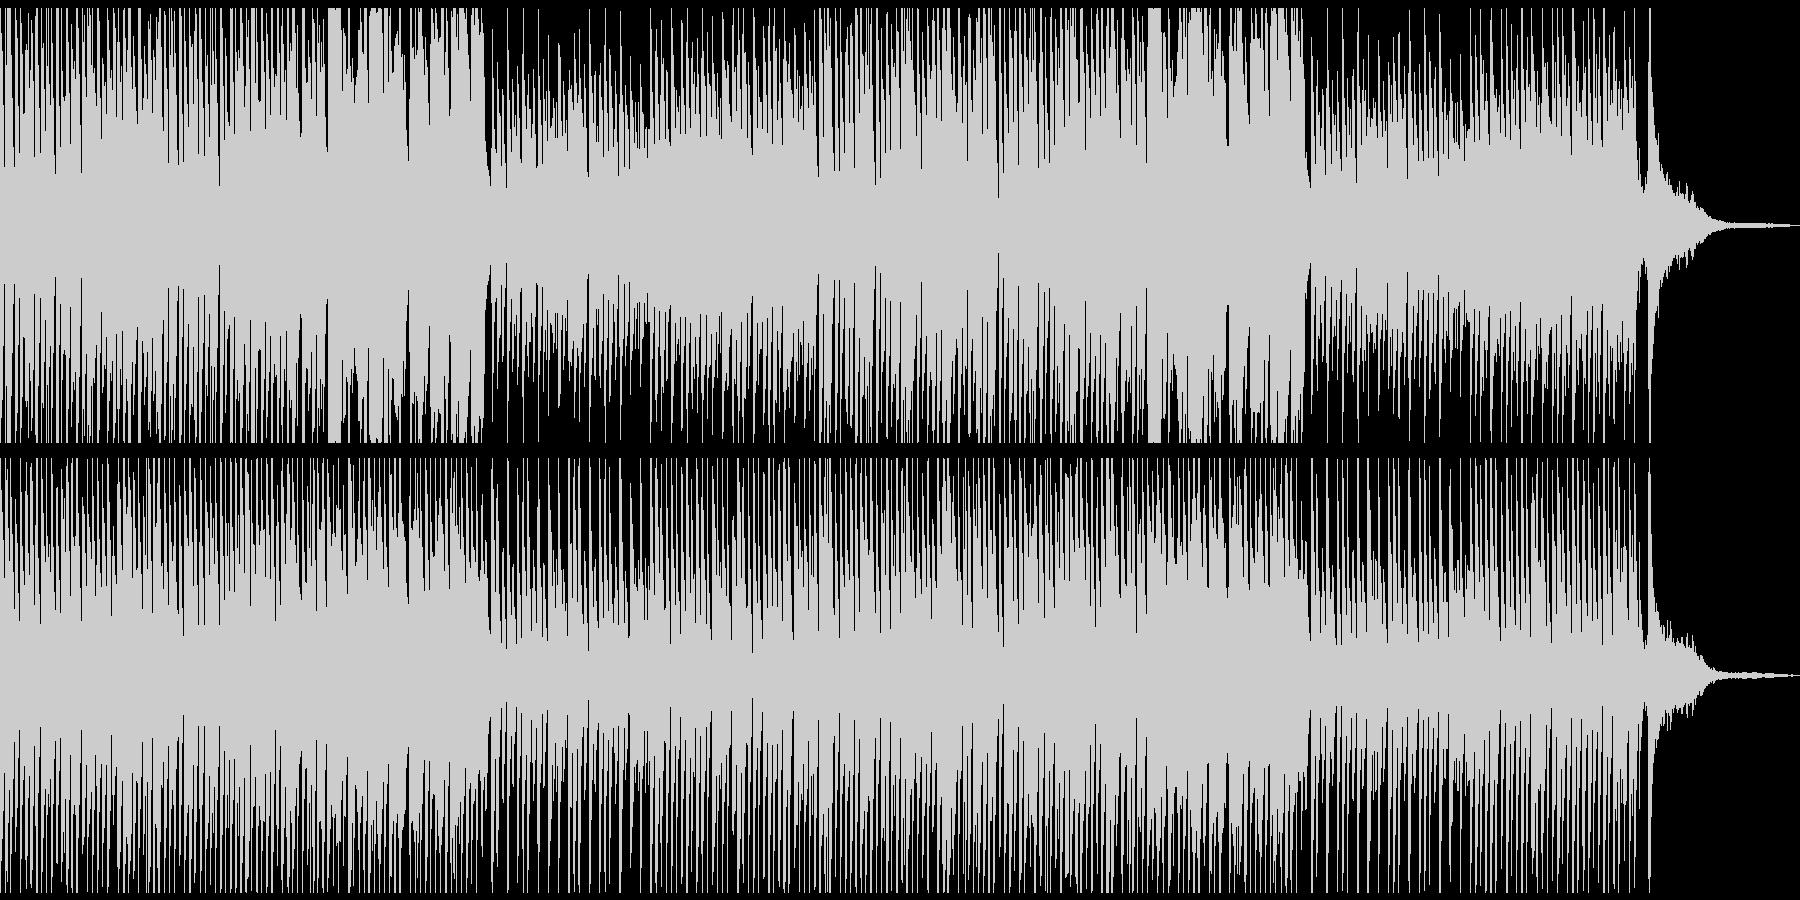 かわいいCMに おしゃれでコミカルな曲の未再生の波形